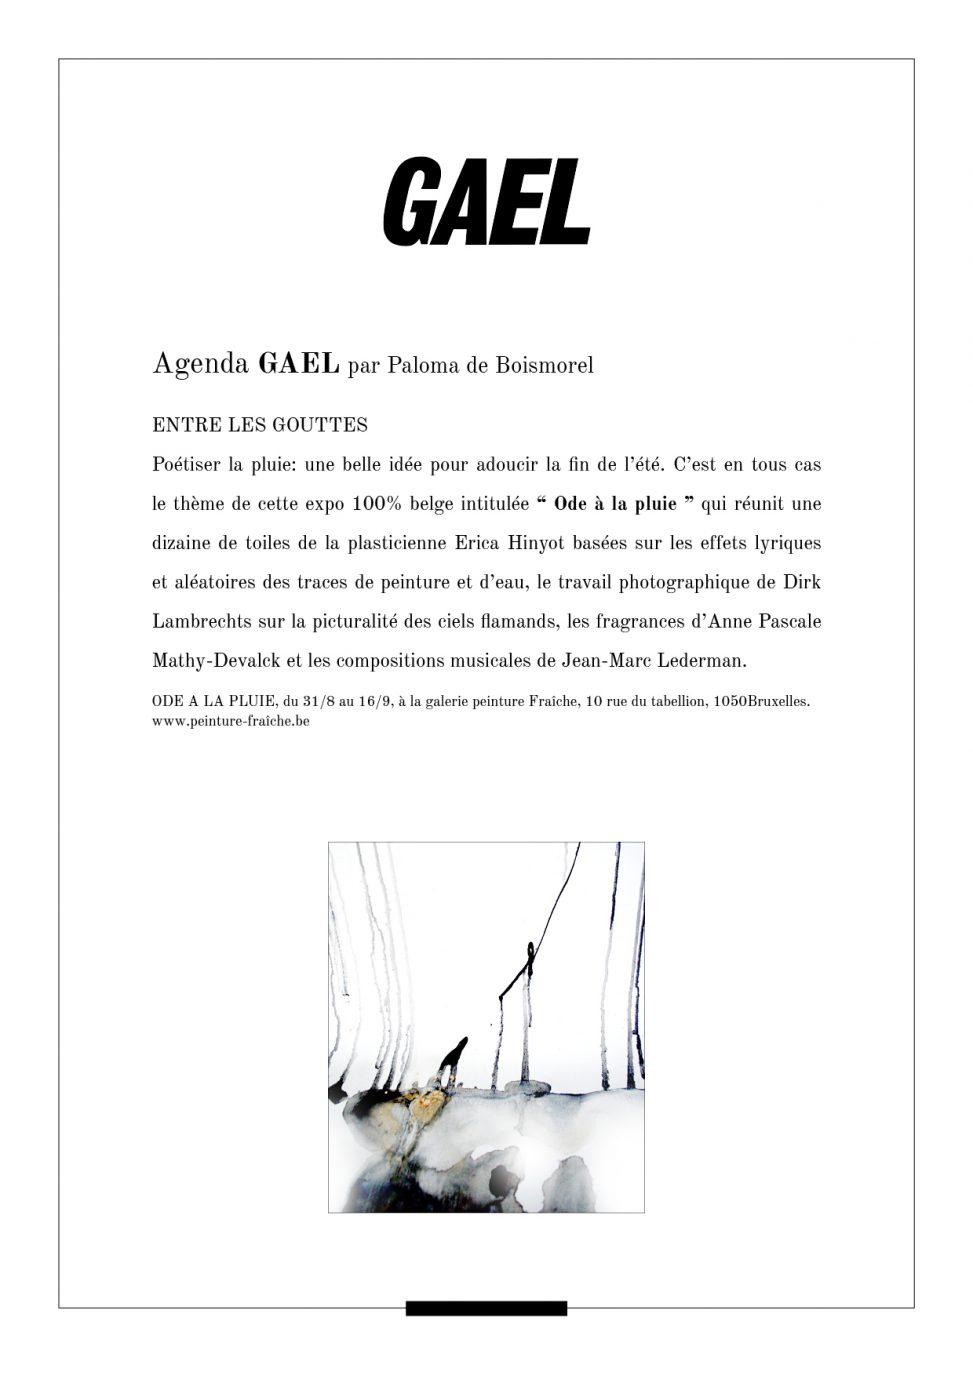 Extrait GAEL magazine poétiser la pluie : une belle idée pour adoucir la fin de l'été.